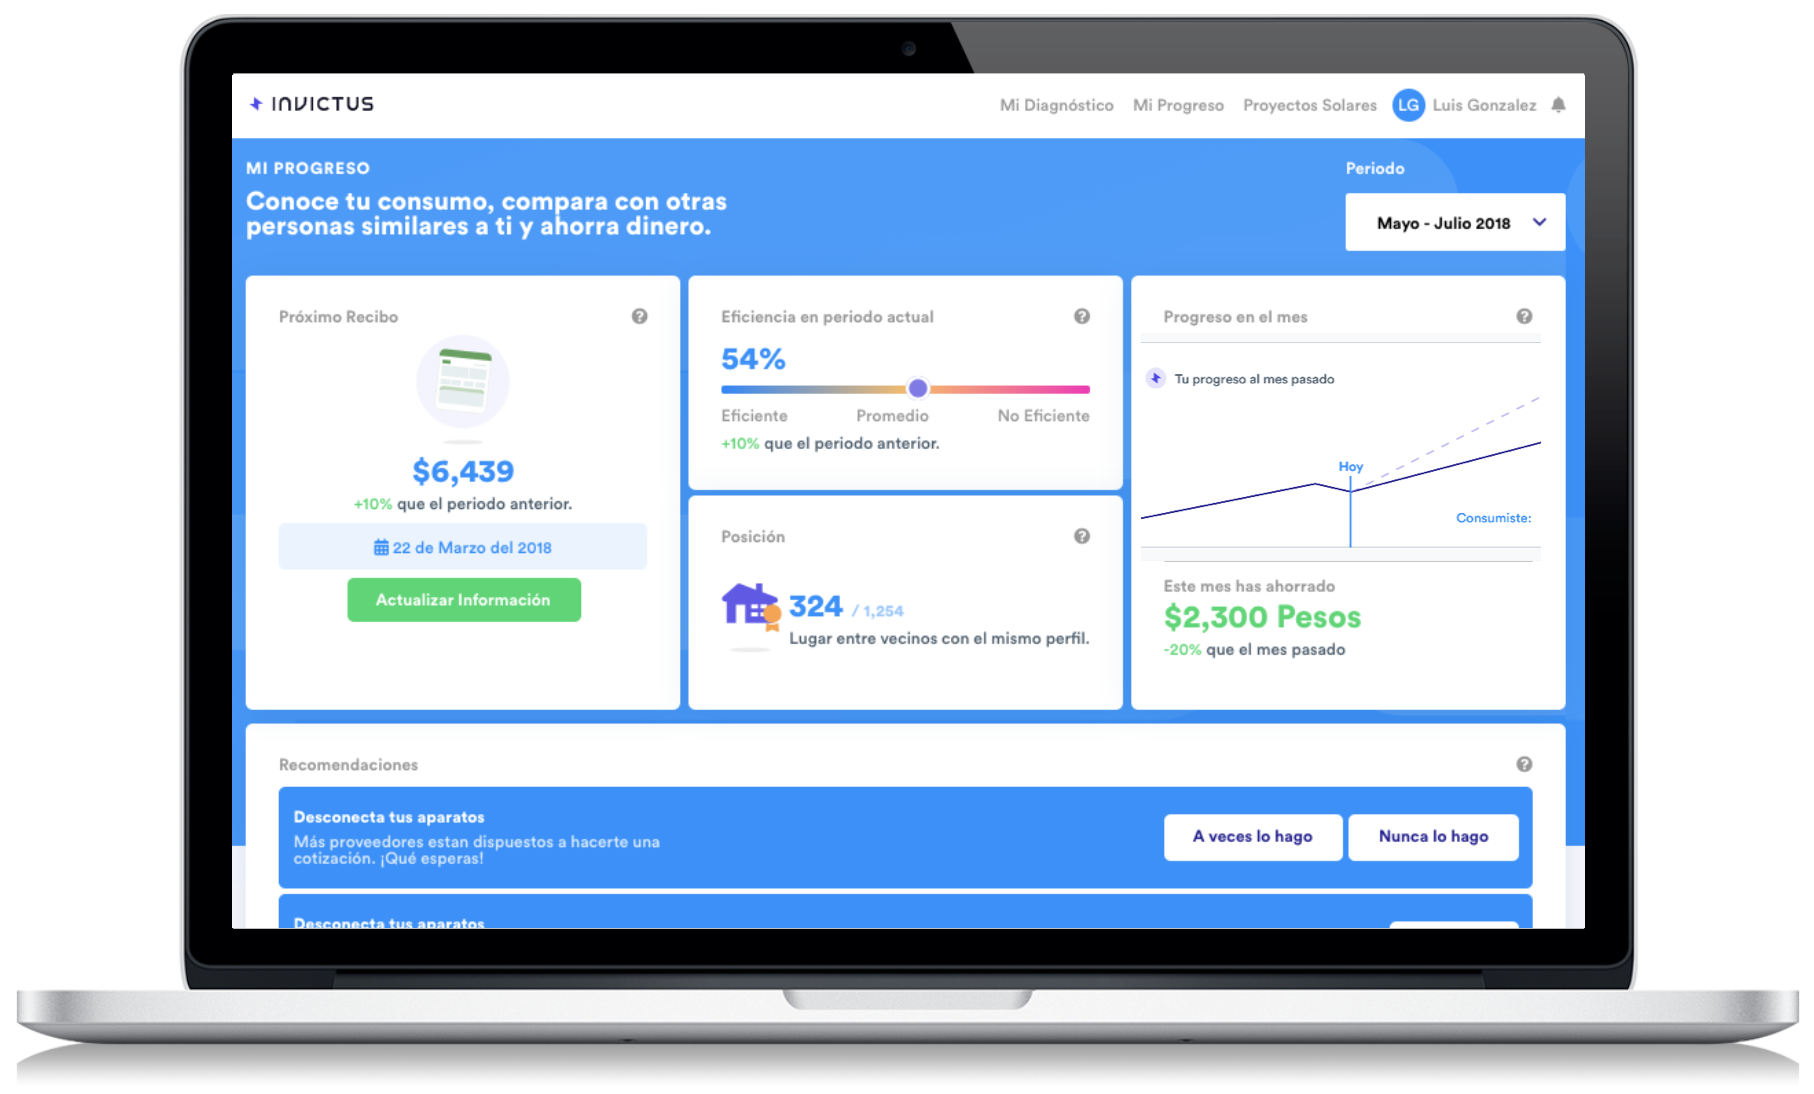 invictus.mx la plataforma para monitorear tu recibo de luz y tomar acciones para ahorrar